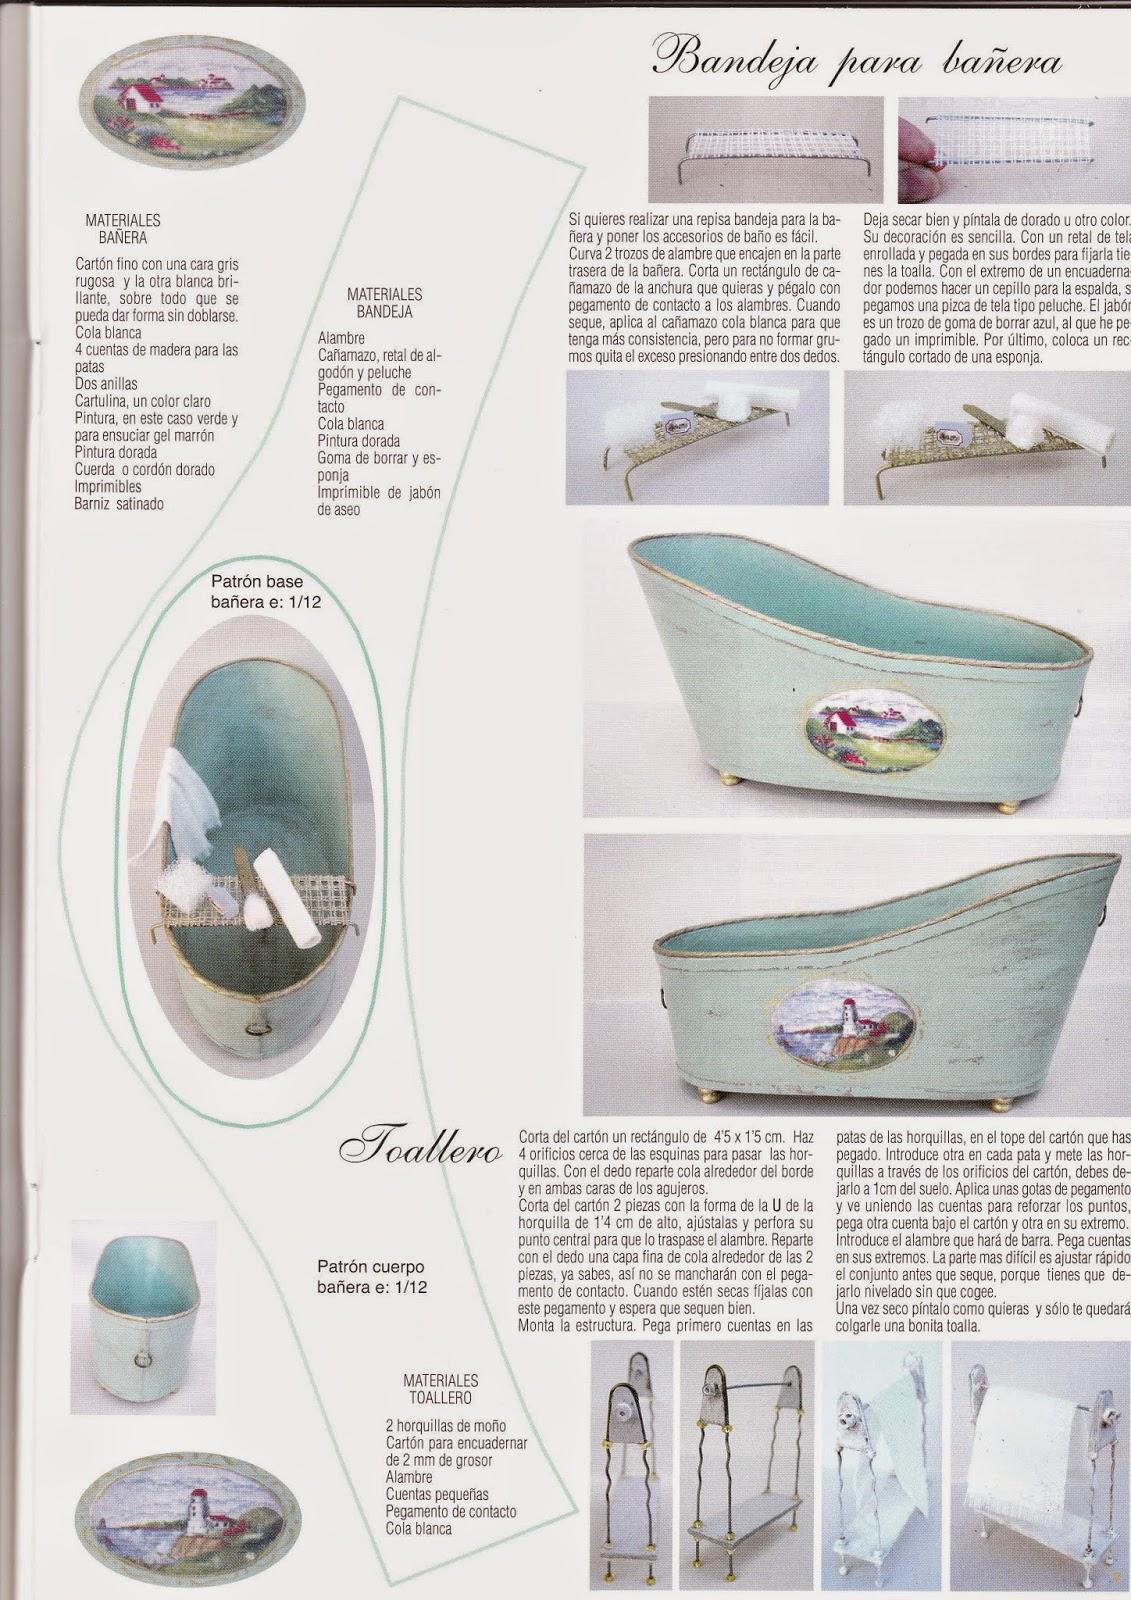 Mis rincones en miniatura muebles y complementos para el ba o - Complementos para el bano ...